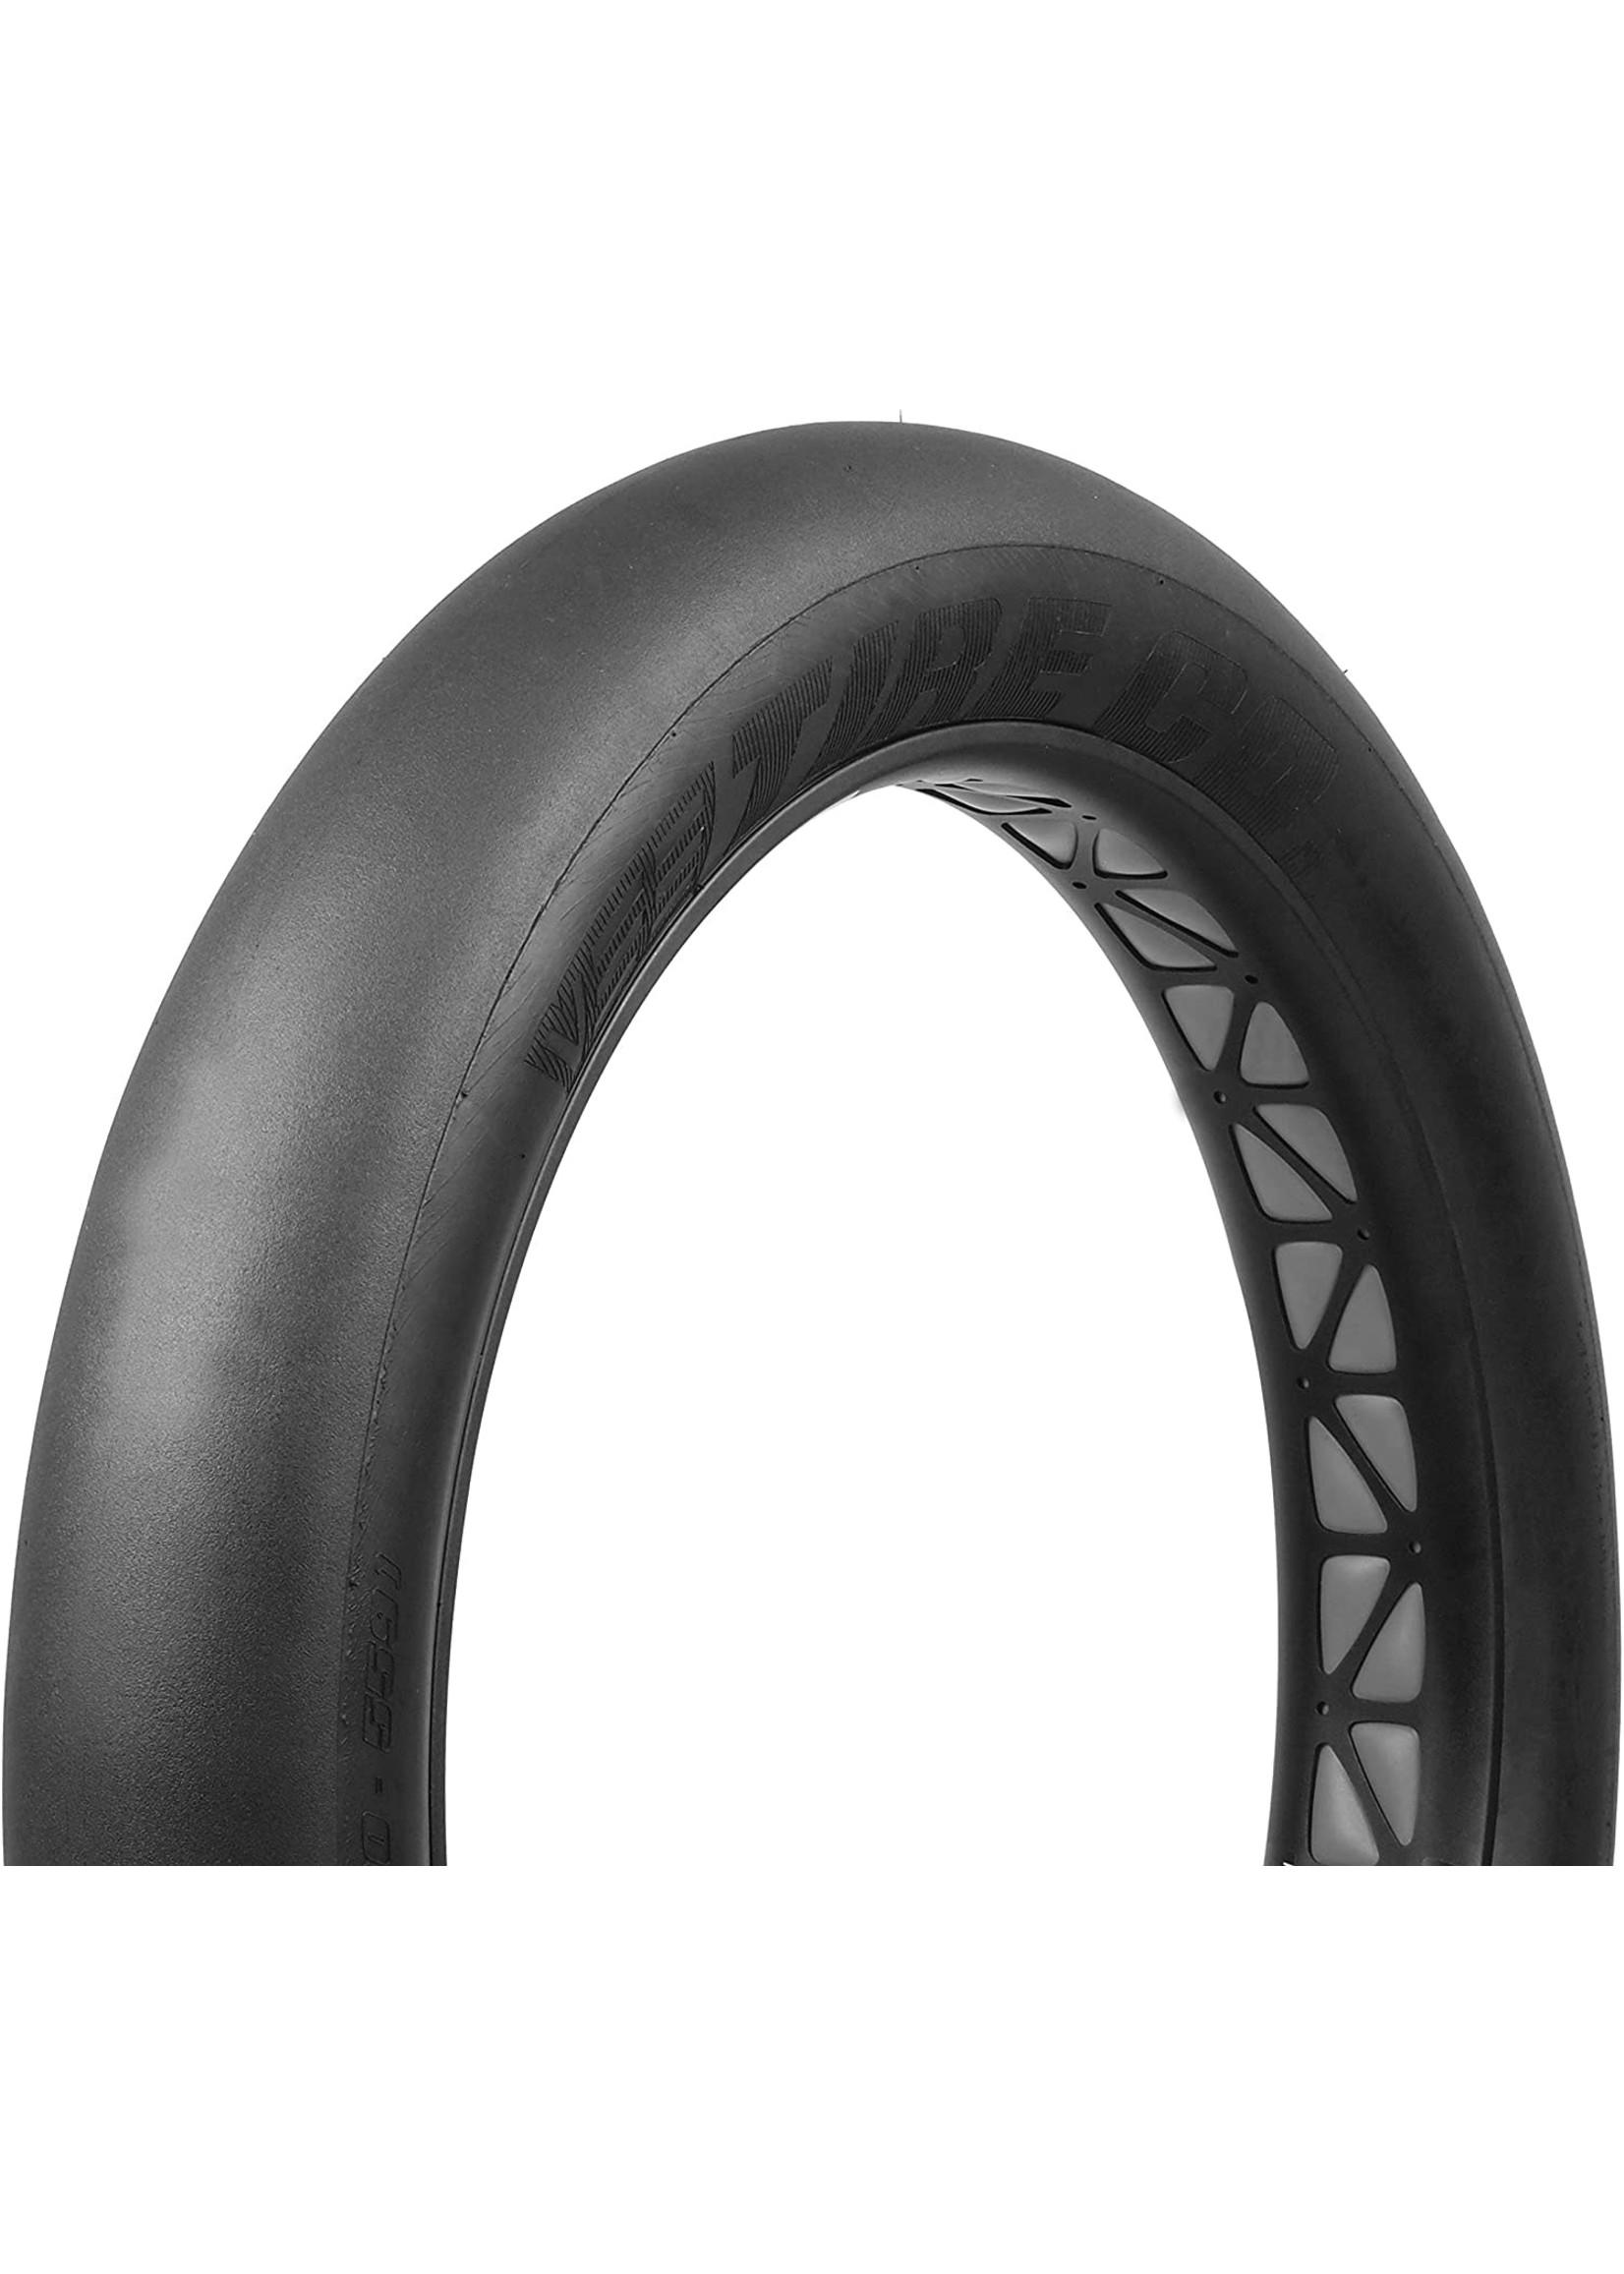 VEE RUBBER Vee Tire- Apache Slick, 26x4.5